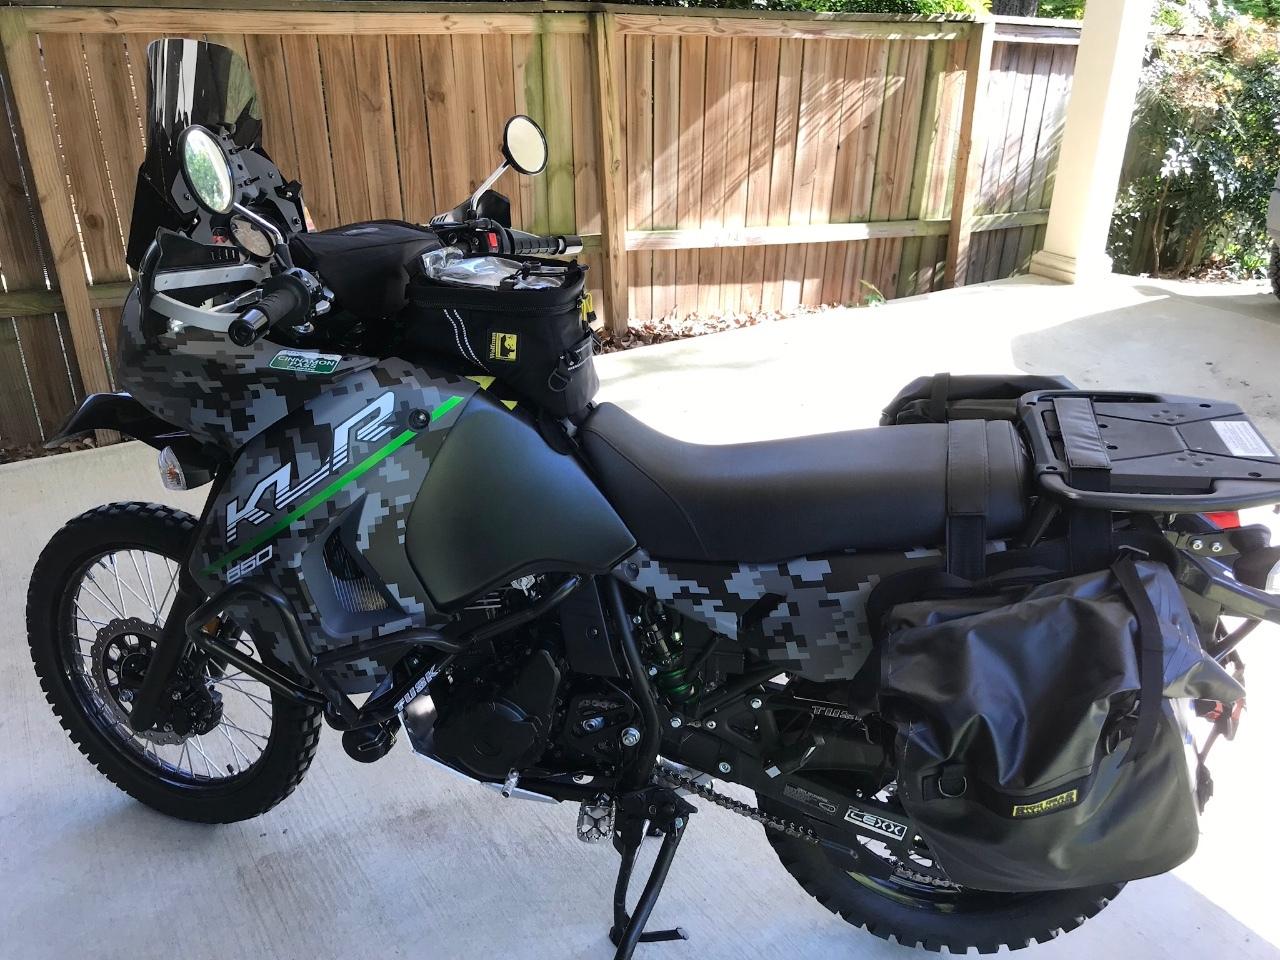 KAWASAKI Motorcycles For Sale: 540 Motorcycles - Cycle Trader